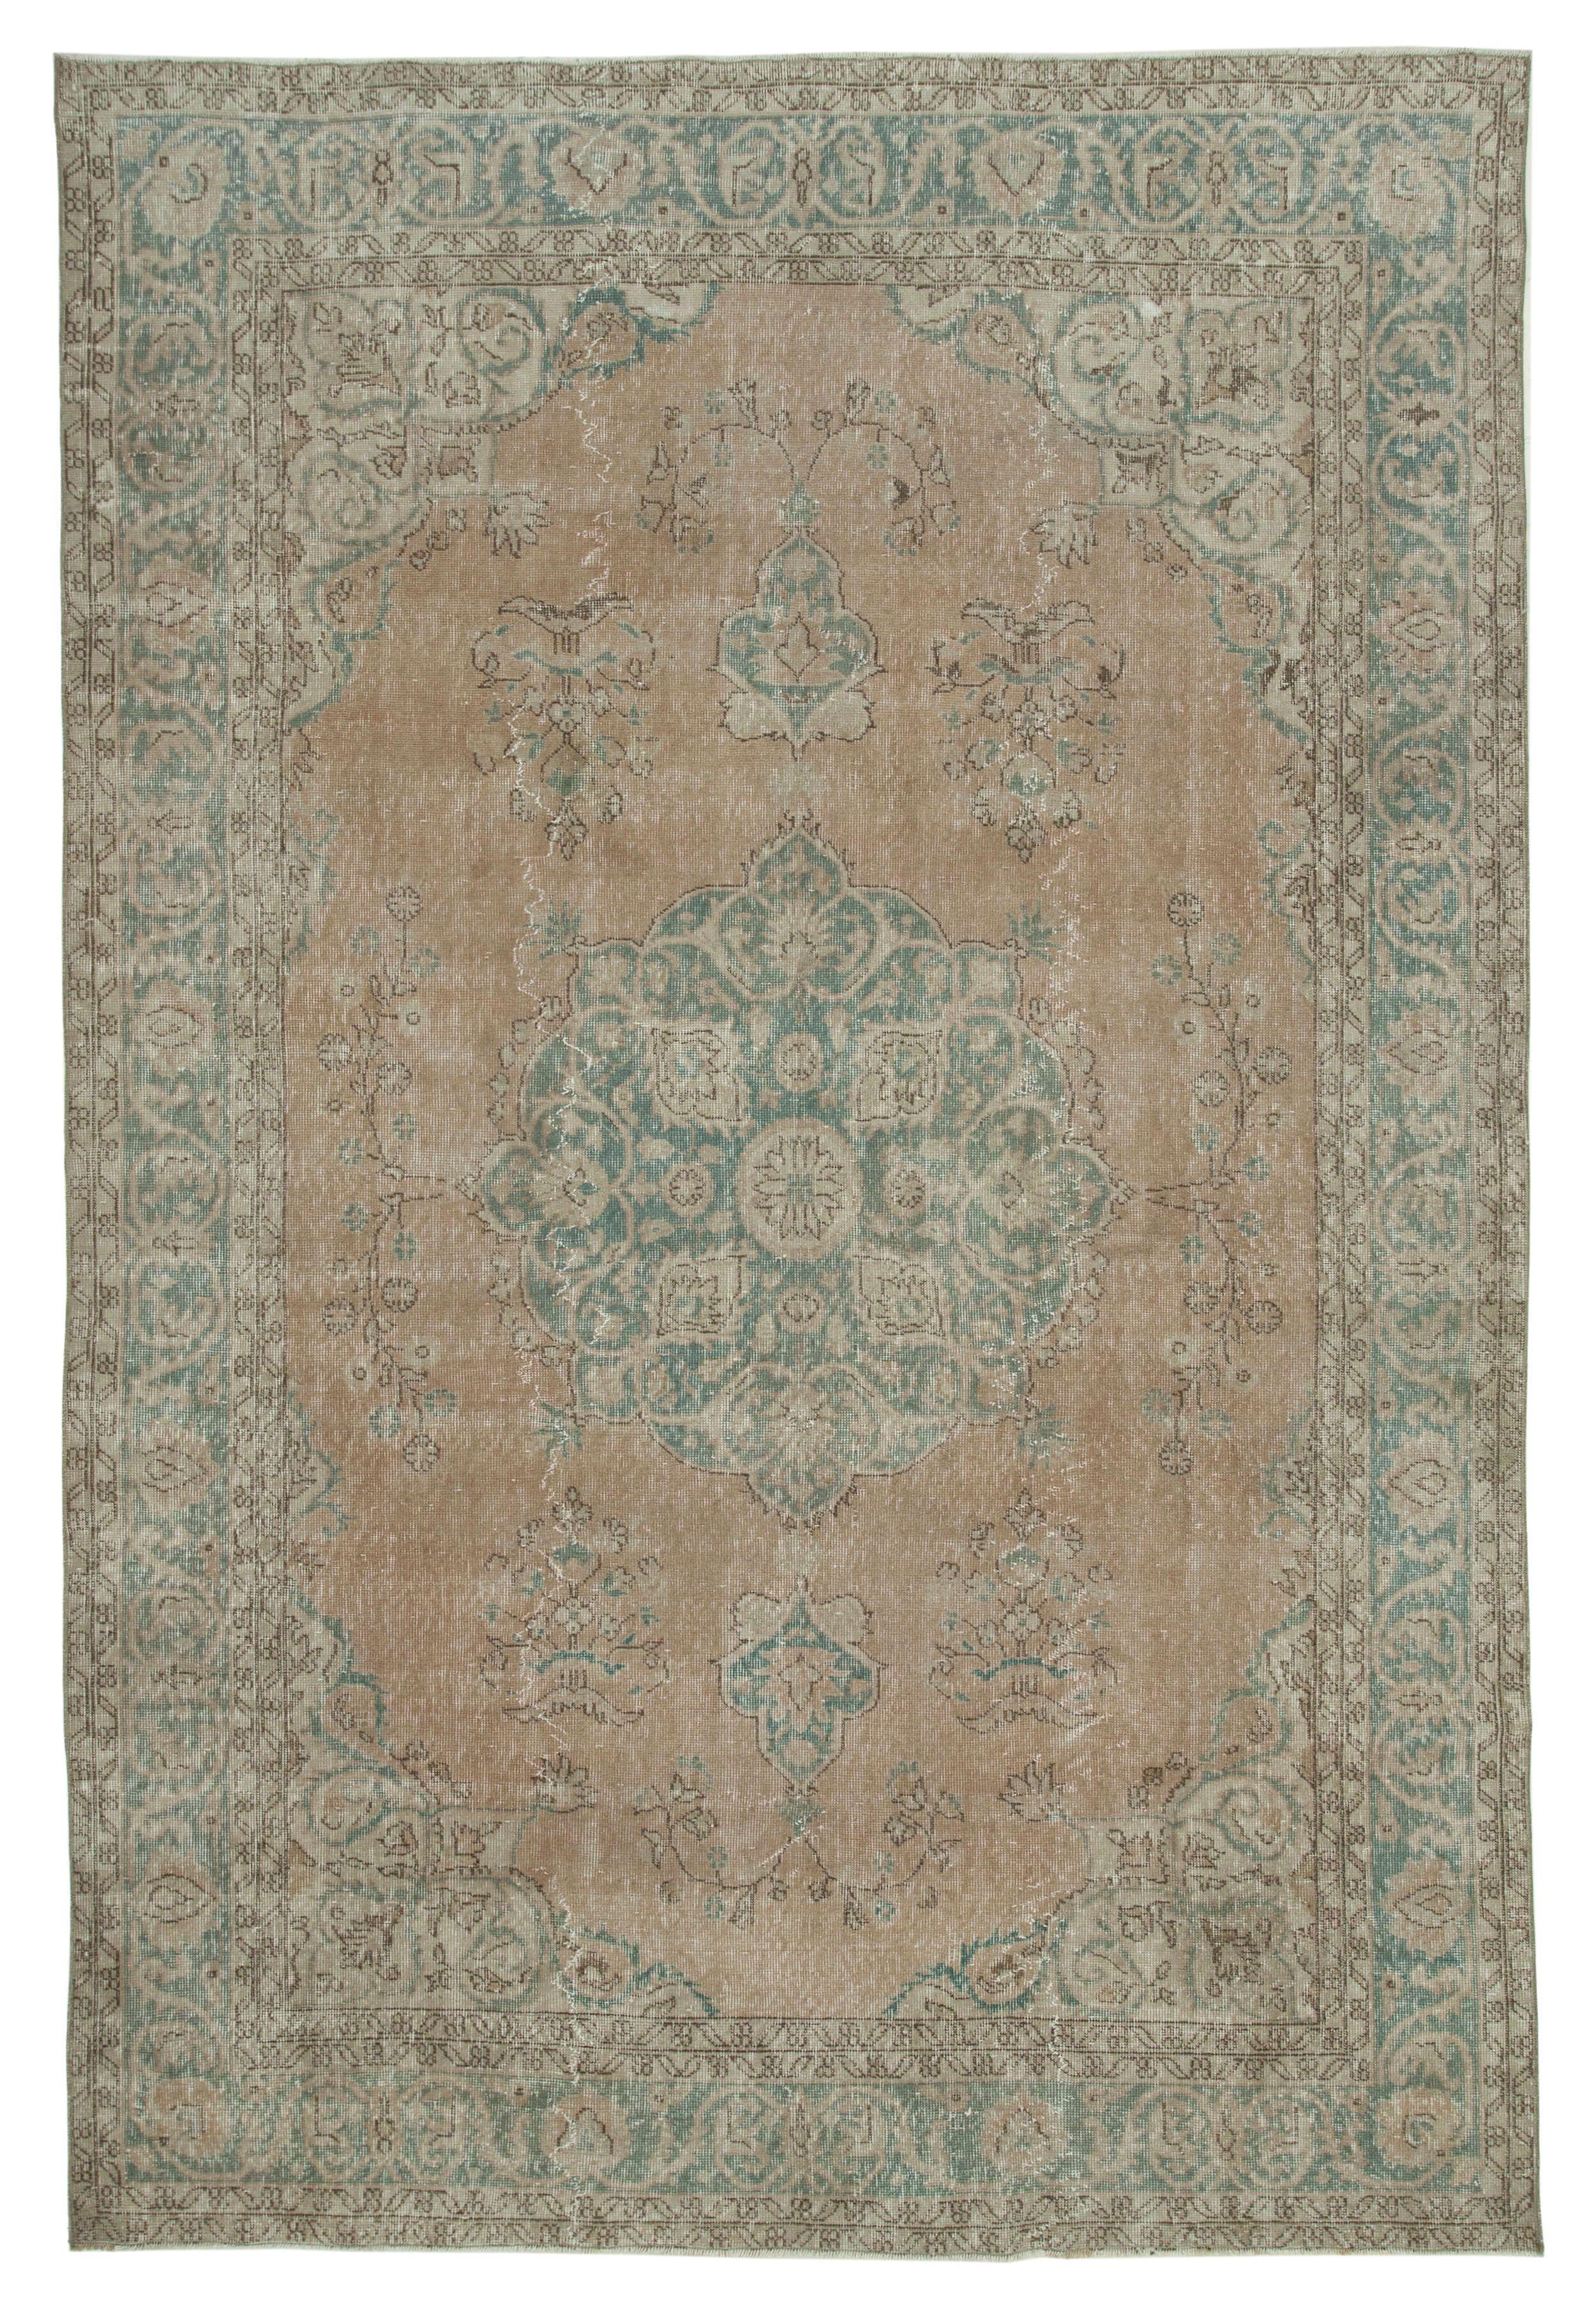 7x11 Beige Turkish Vintage Area Rug 5024 Area Rugs Vintage Area Rugs Rugs 7 x 11 area rugs